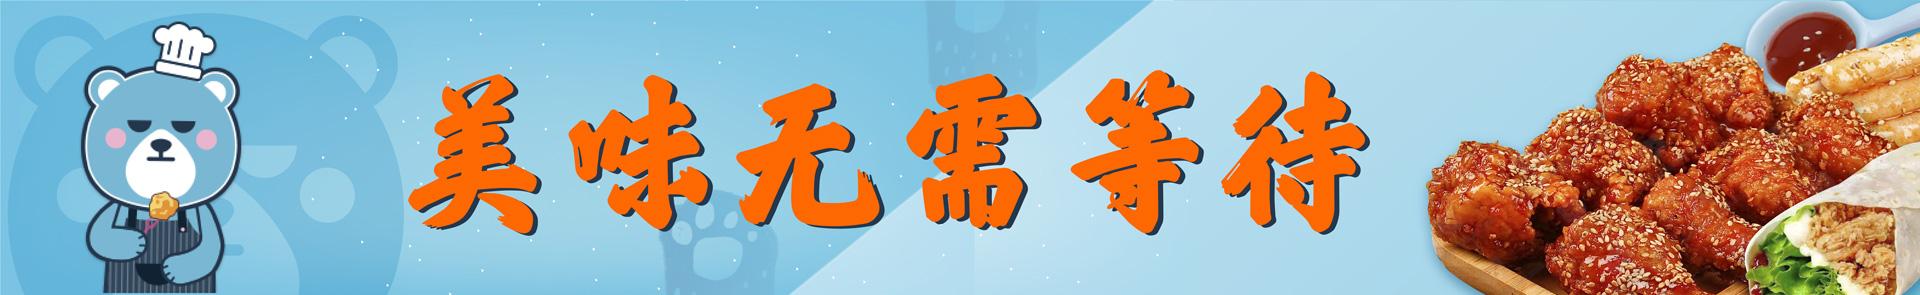 中式炸鸡加盟